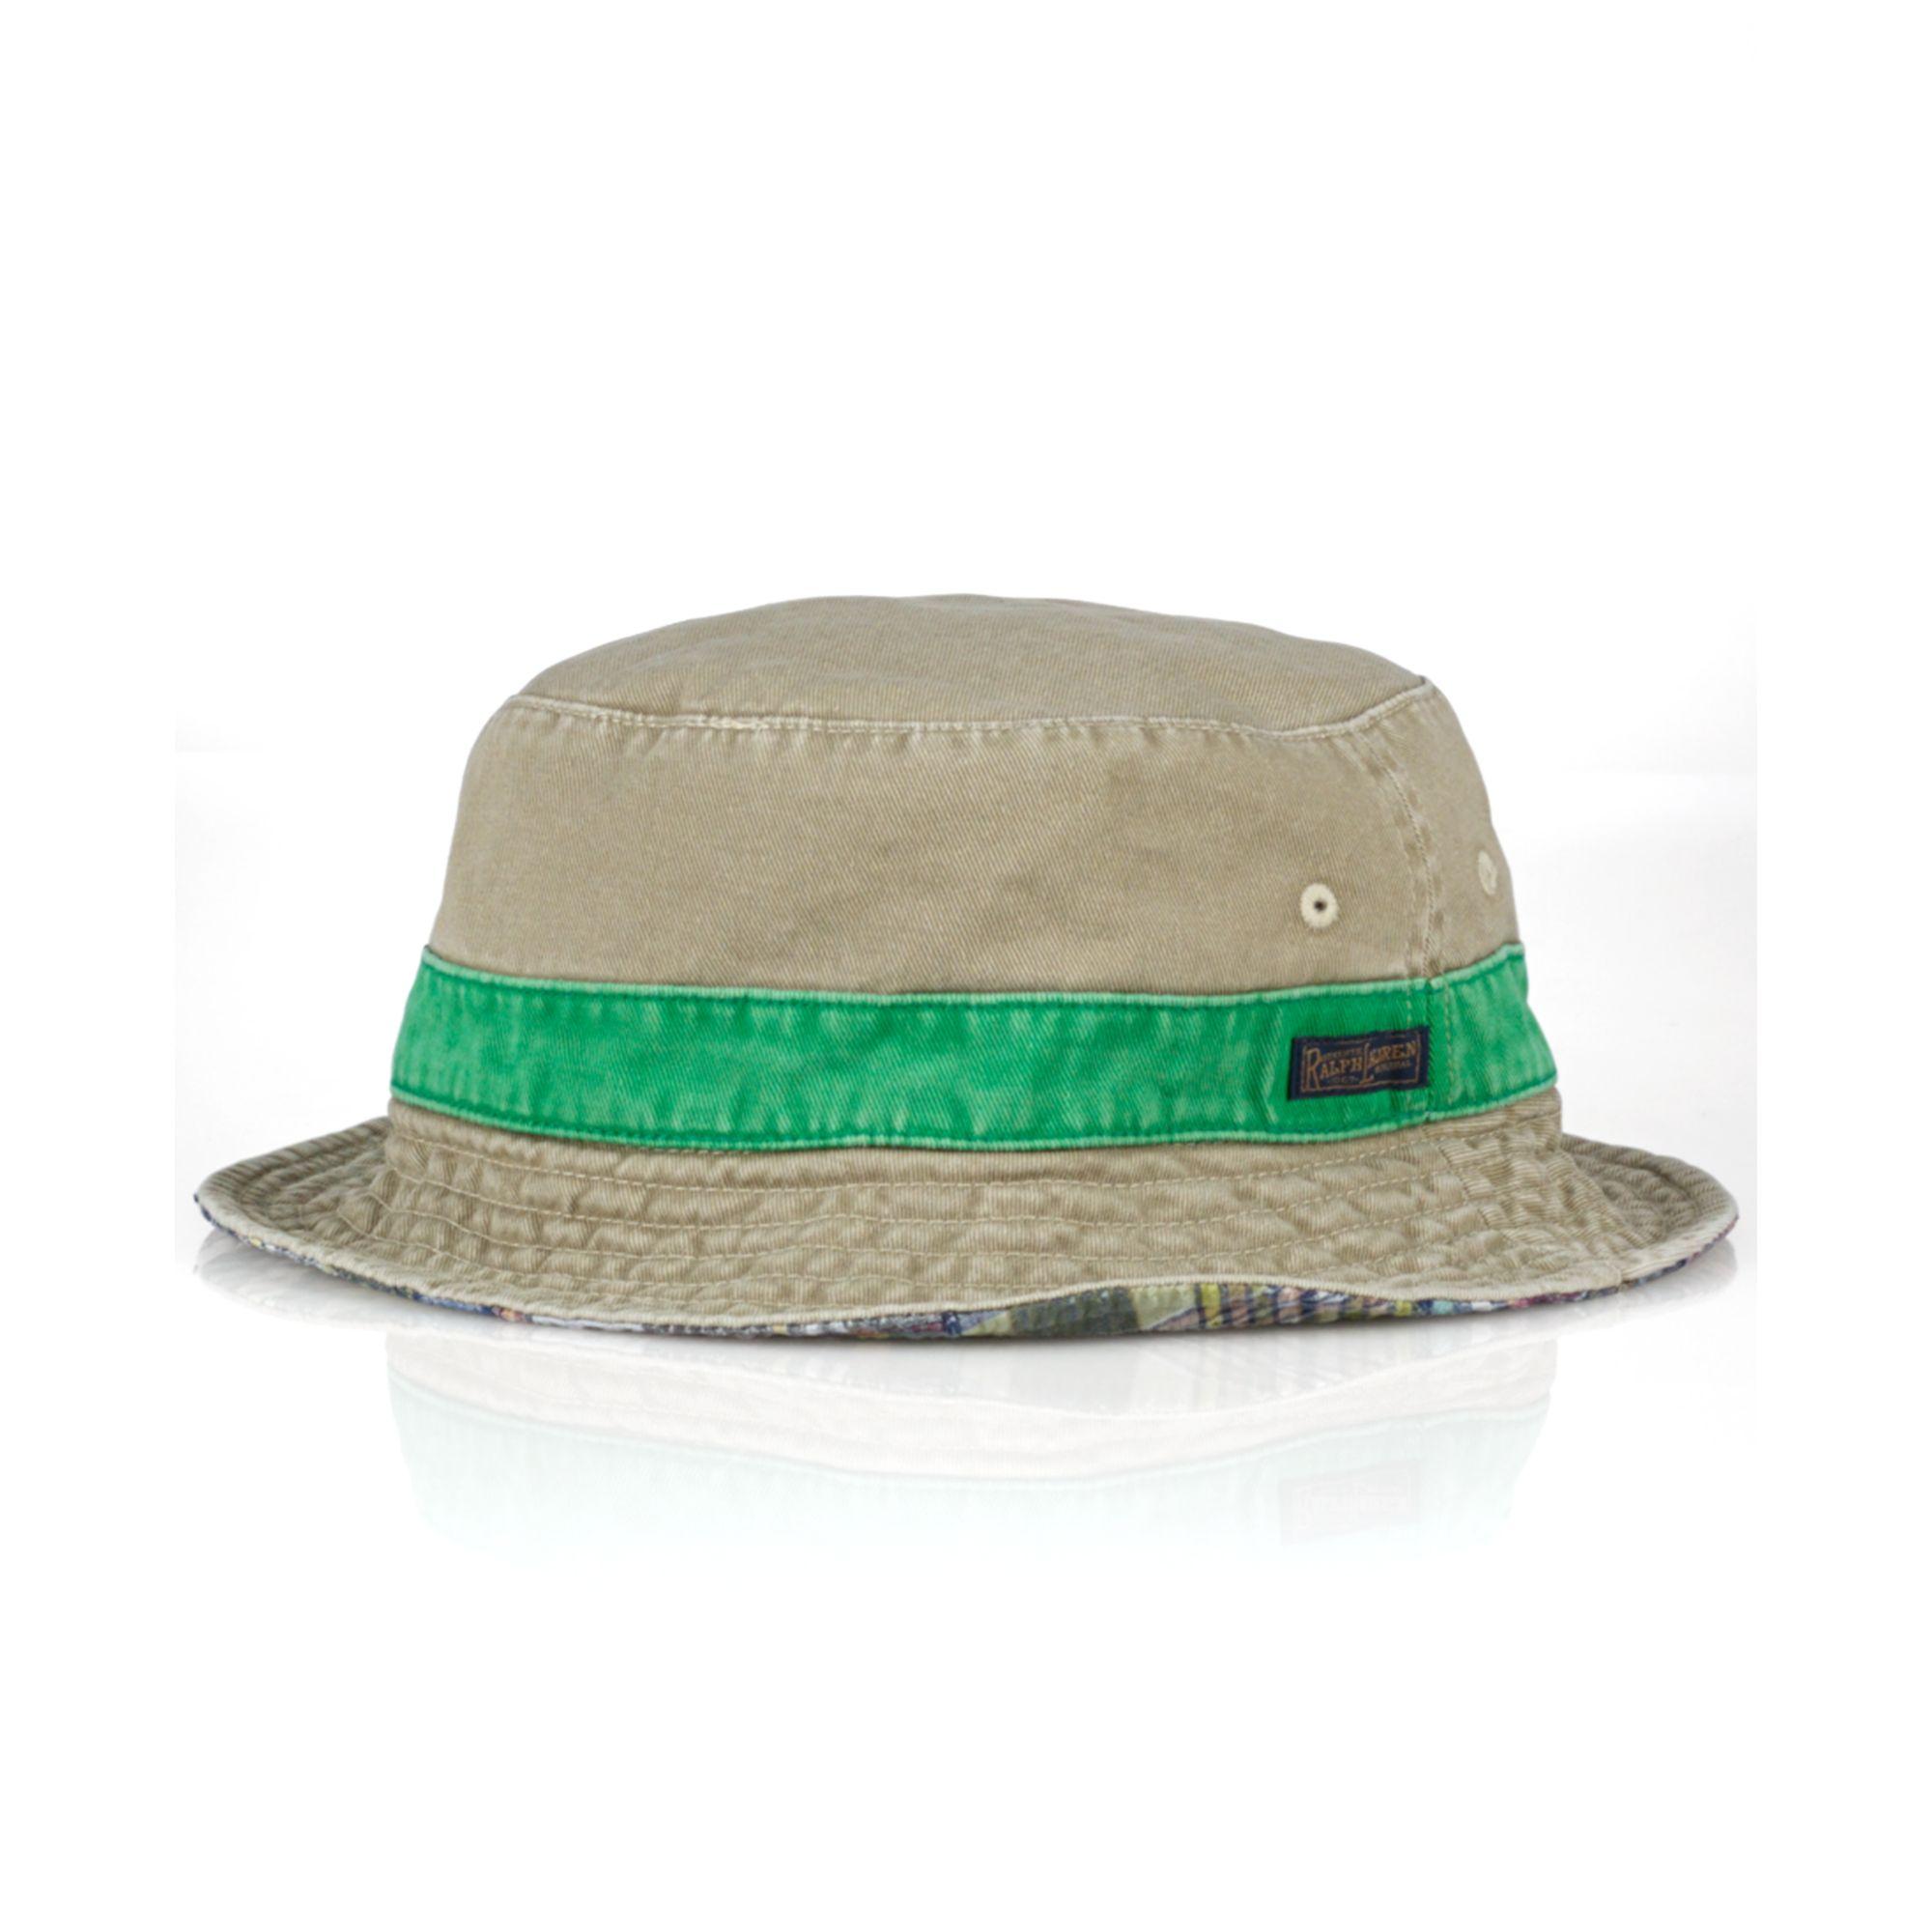 f7cd269ad58 Gallery. Previously sold at  Macy s · Men s Bucket Hats Men s Wide Brim Hats  Men s Ralph Lauren ...